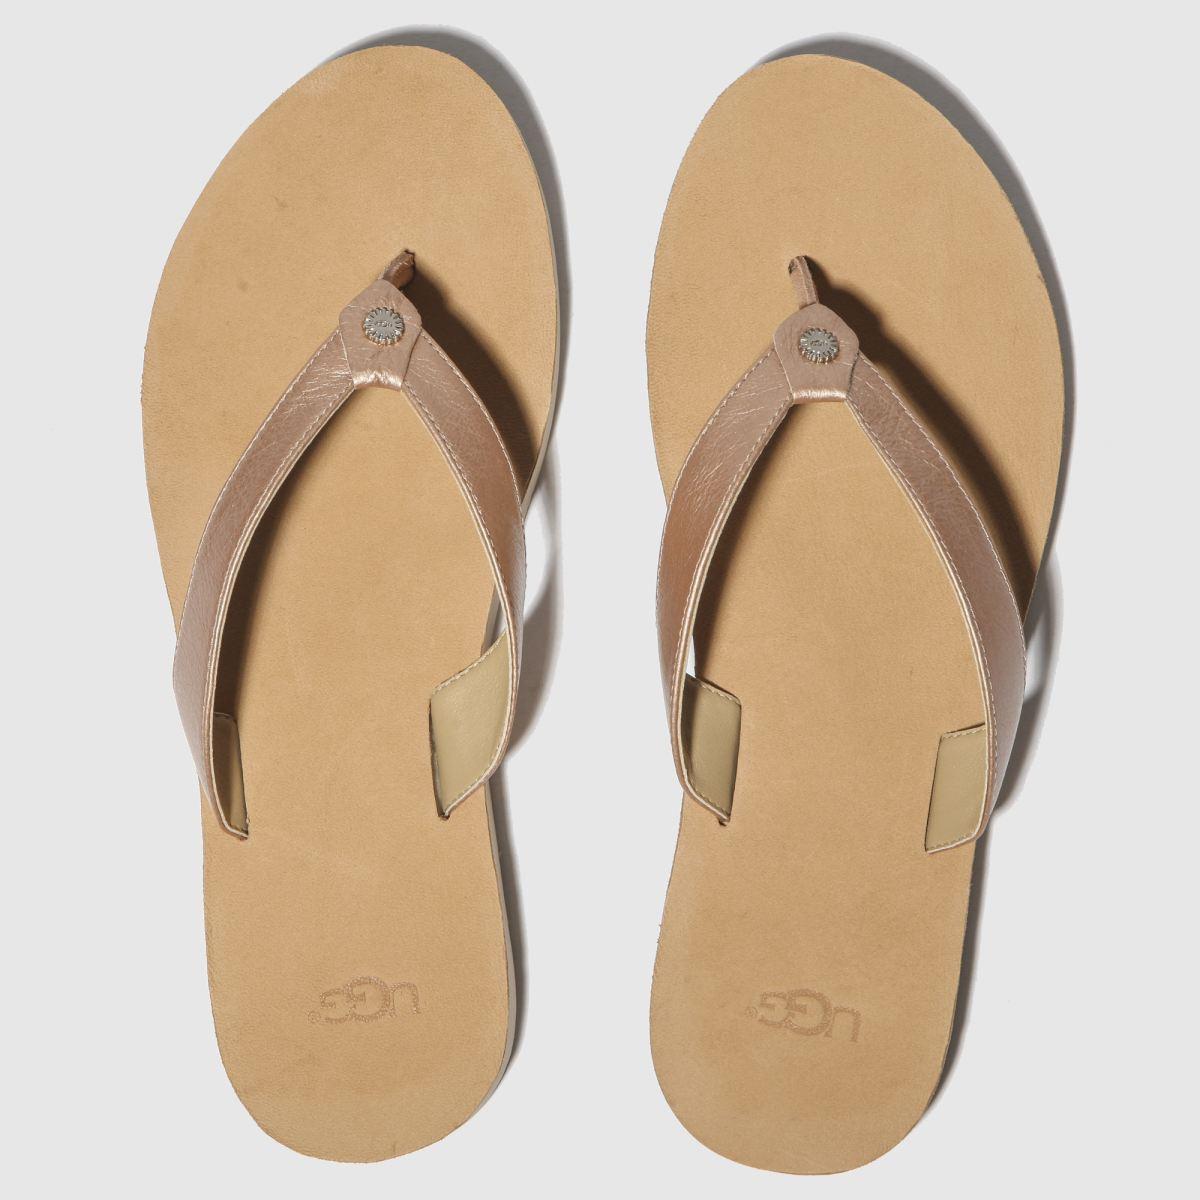 Ugg Pink Tawney Metallic Sandals